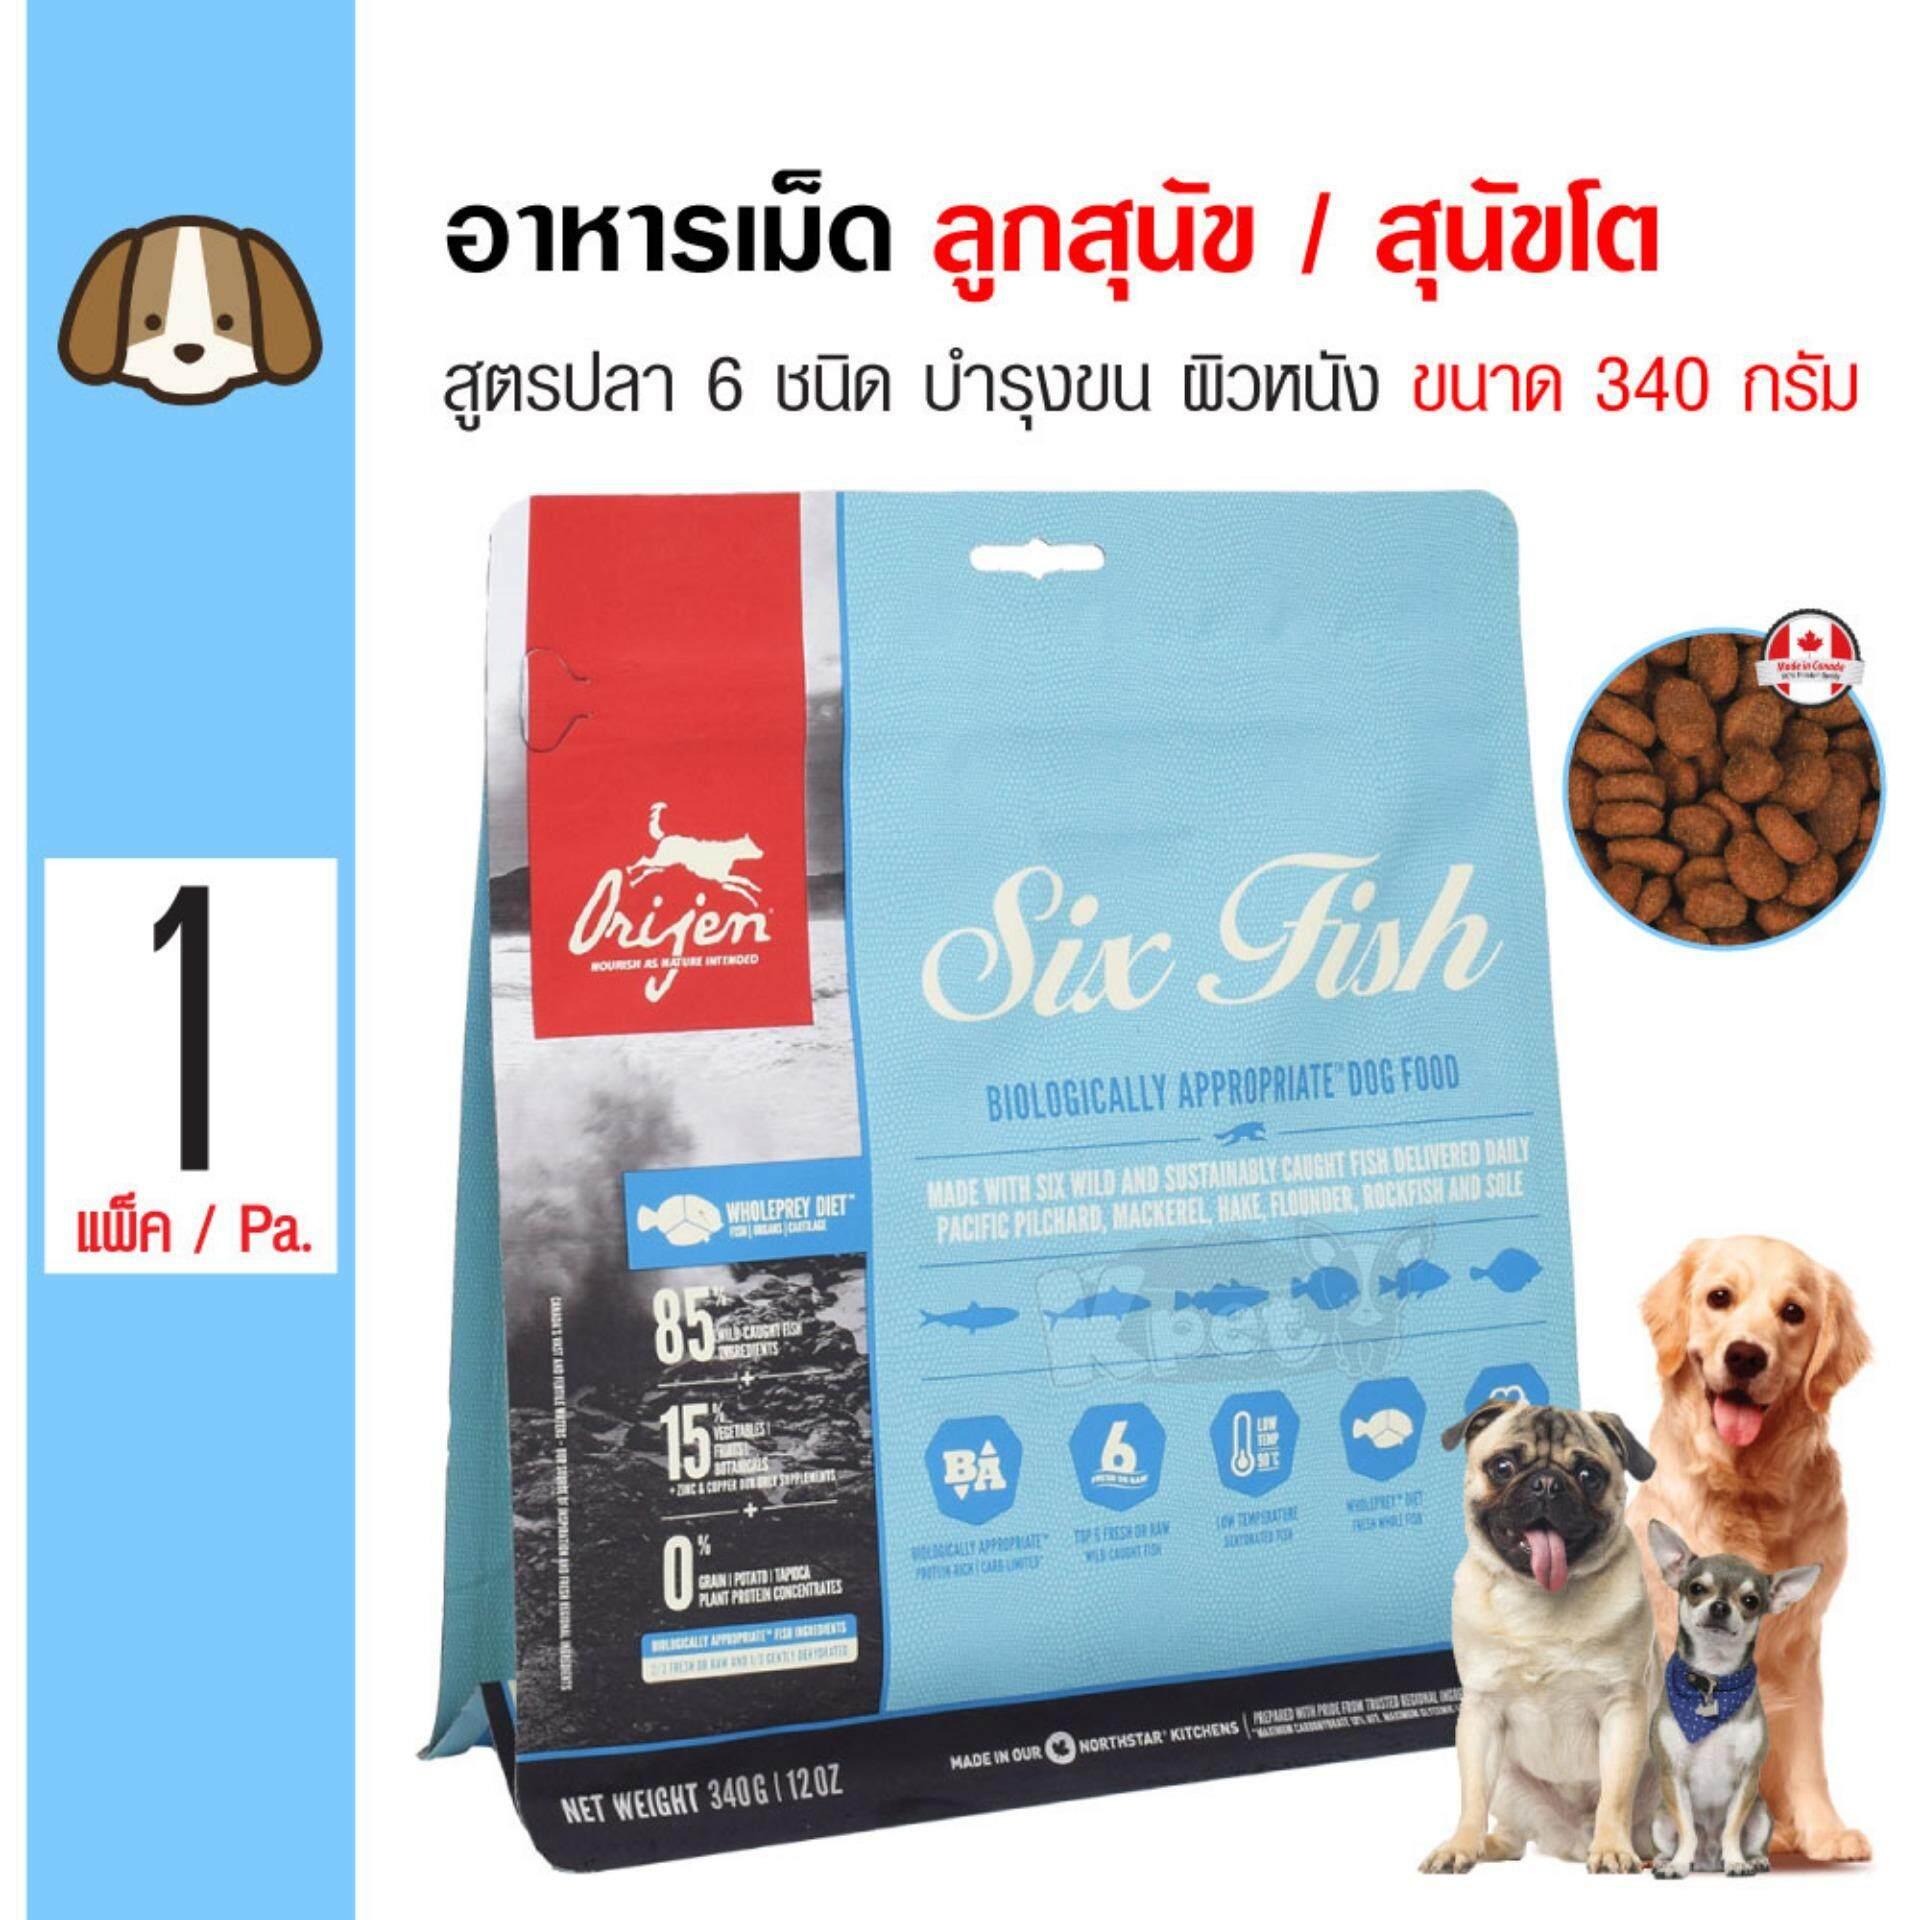 Orijen Dog Six Fish อาหารสุนัข สูตรเนื้อปลา 6 ชนิด บำรุงขนและผิวหนัง สำหรับสุนัขทุกวัย (340 กรัม/ถุง).